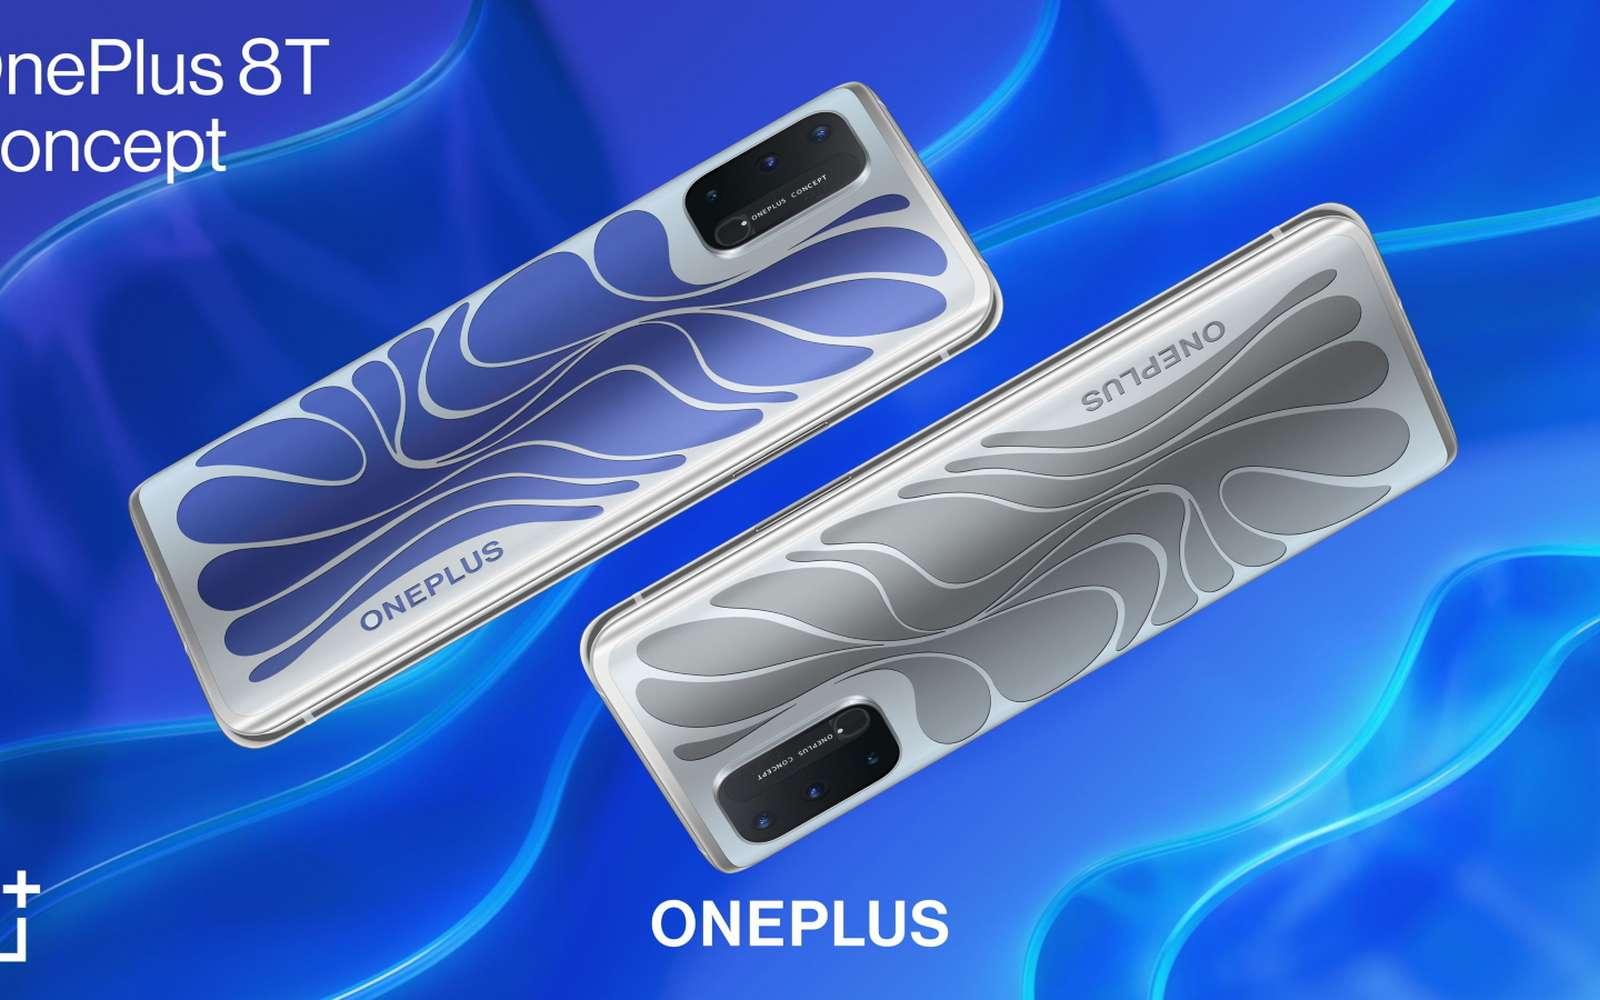 , OnePlus 8T Concept : un smartphone qui change de couleur en fonction des situations